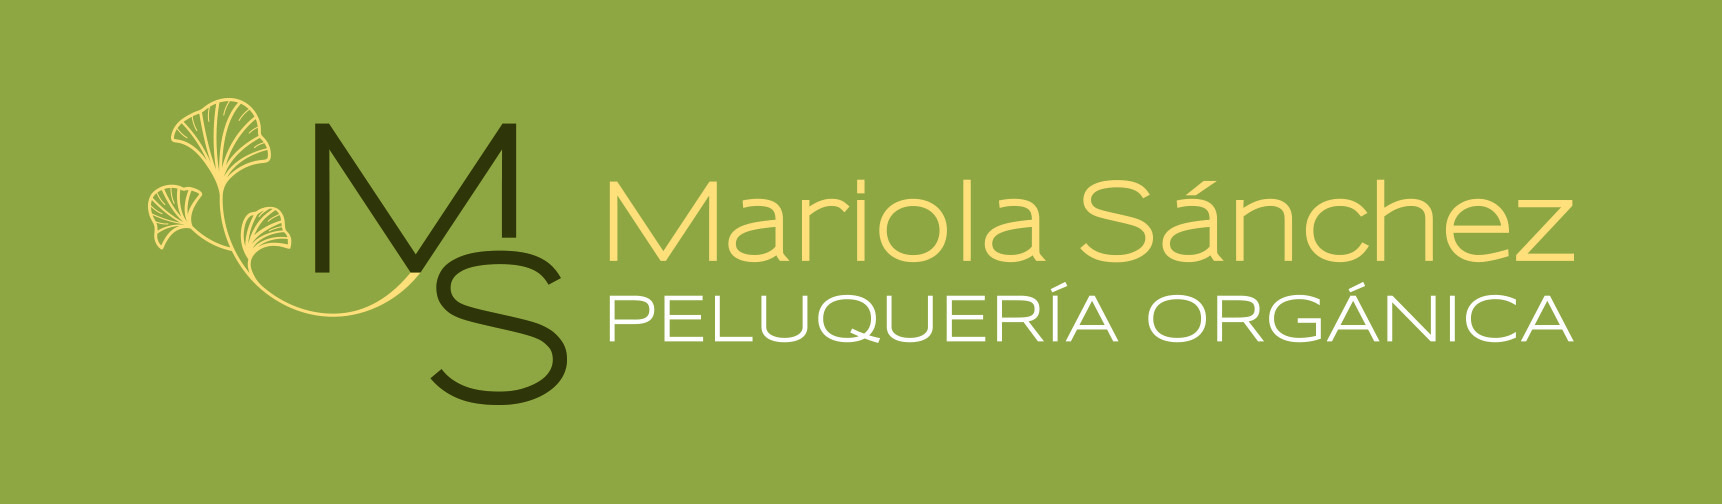 Mariola Sánchez_Peluquería Orgánica_Madrid